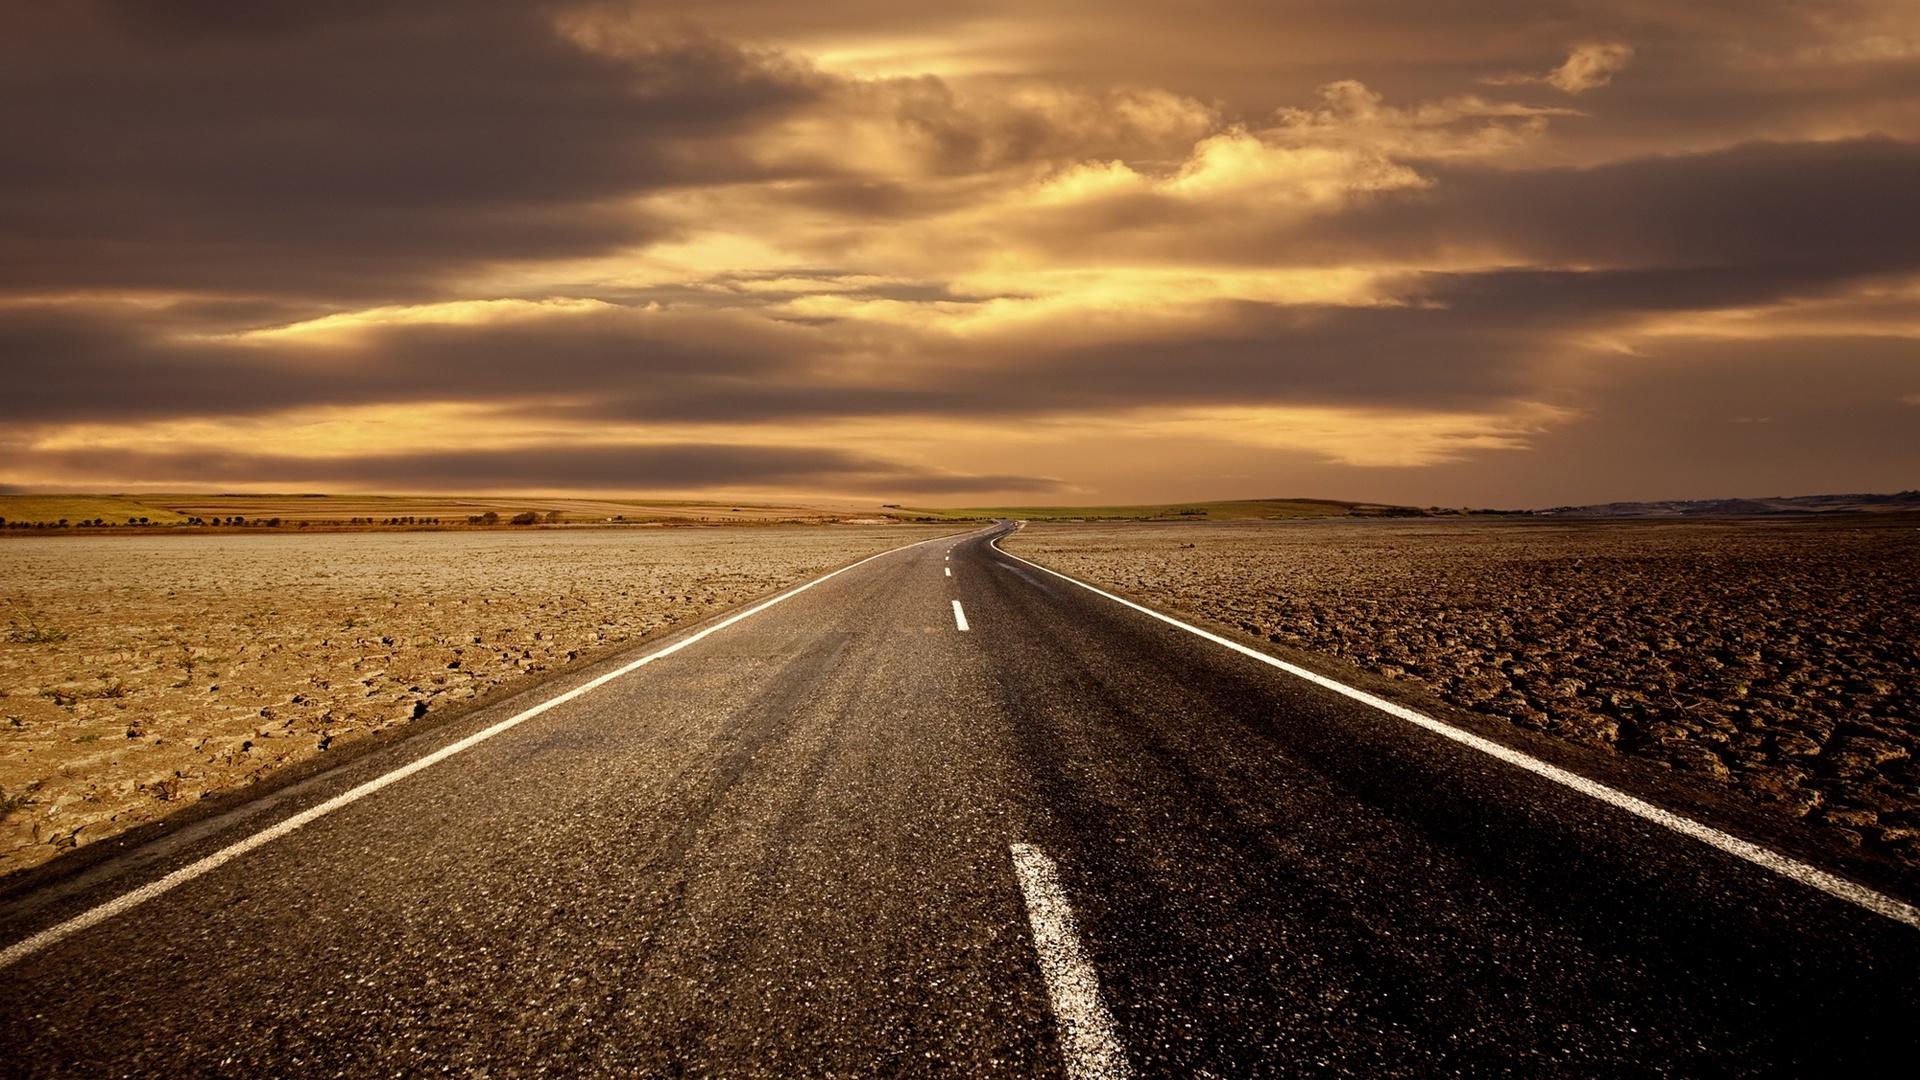 прямая дорога за горизонт, скачать фото, обои на рабочий стол, road wallpaper